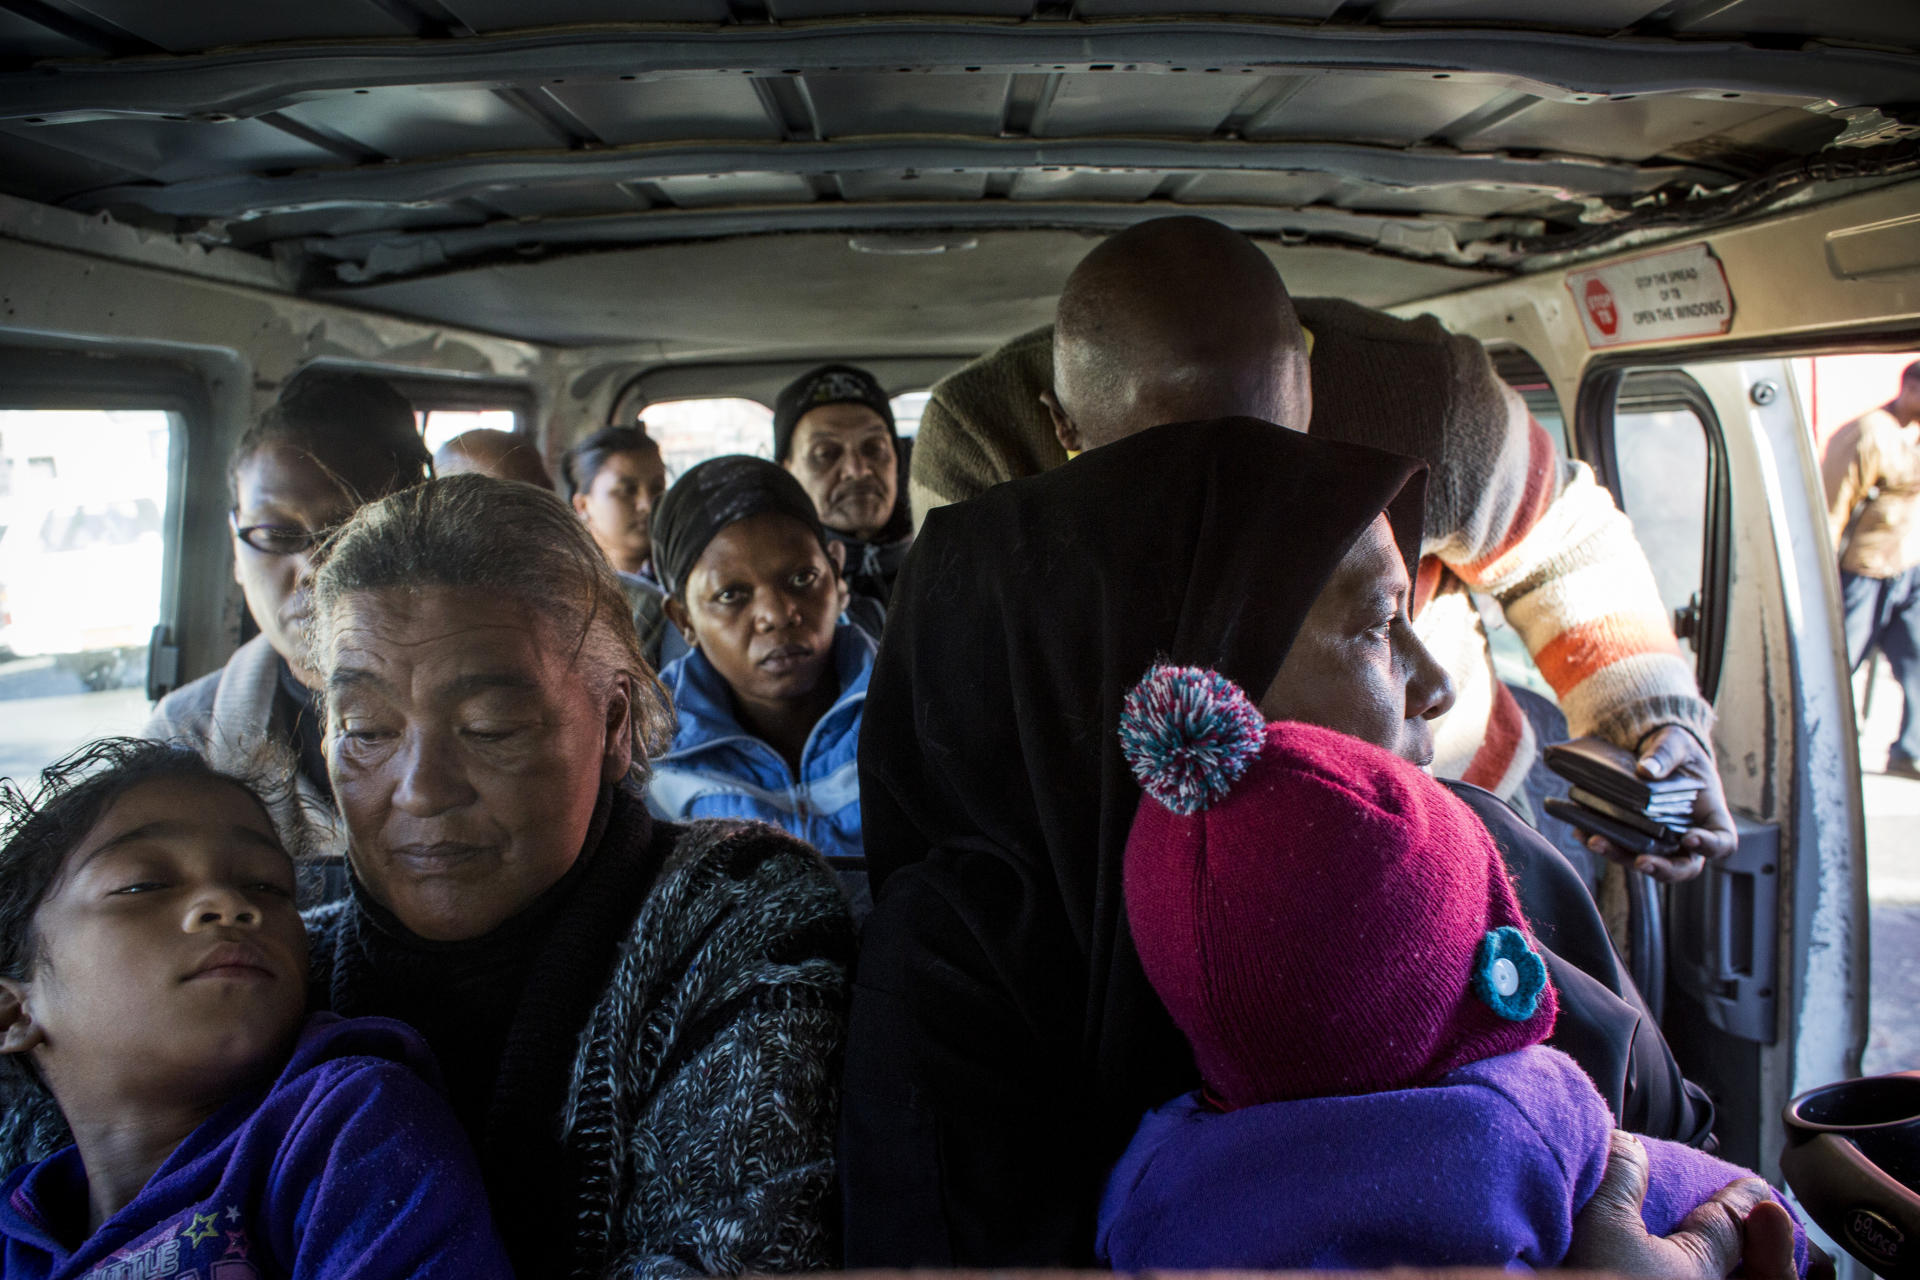 Un minibus-taxi rempli : plus de 14 personnes s'y entassent pour voyager du centre-ville vers Kensington.